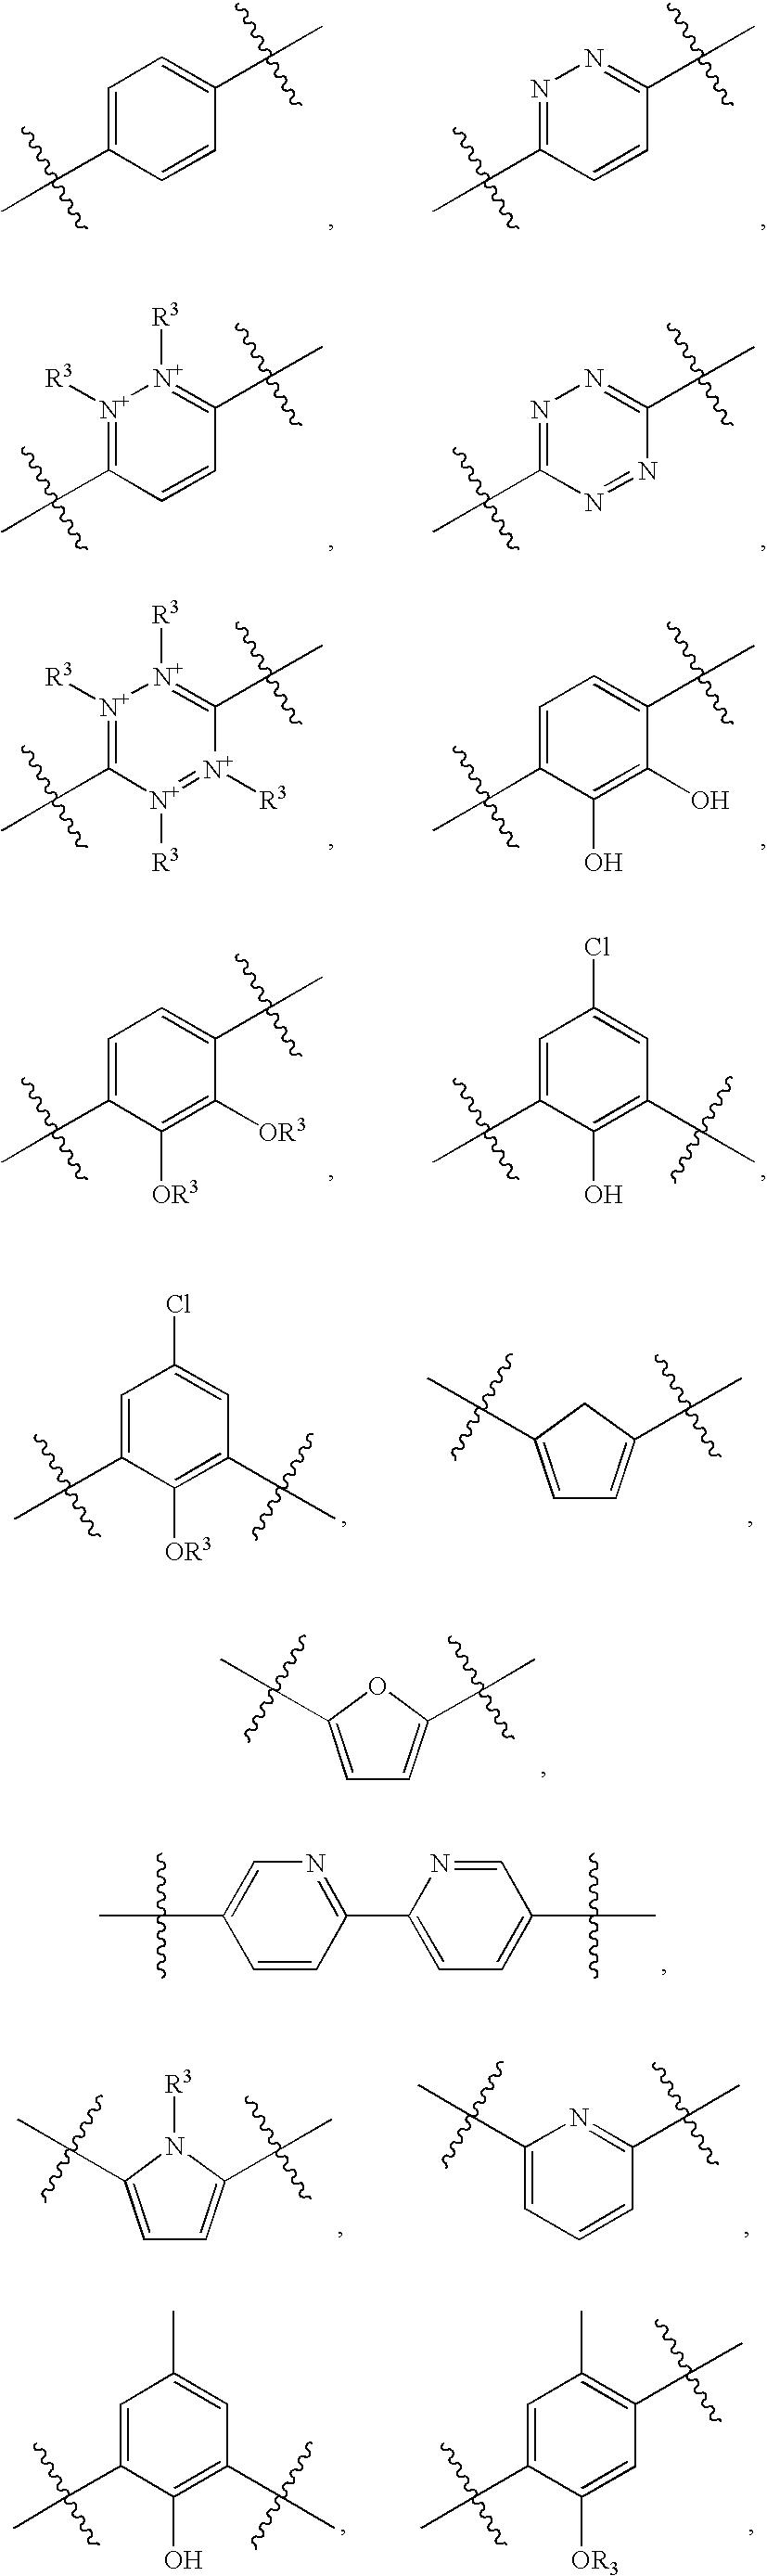 Figure US08067403-20111129-C00035